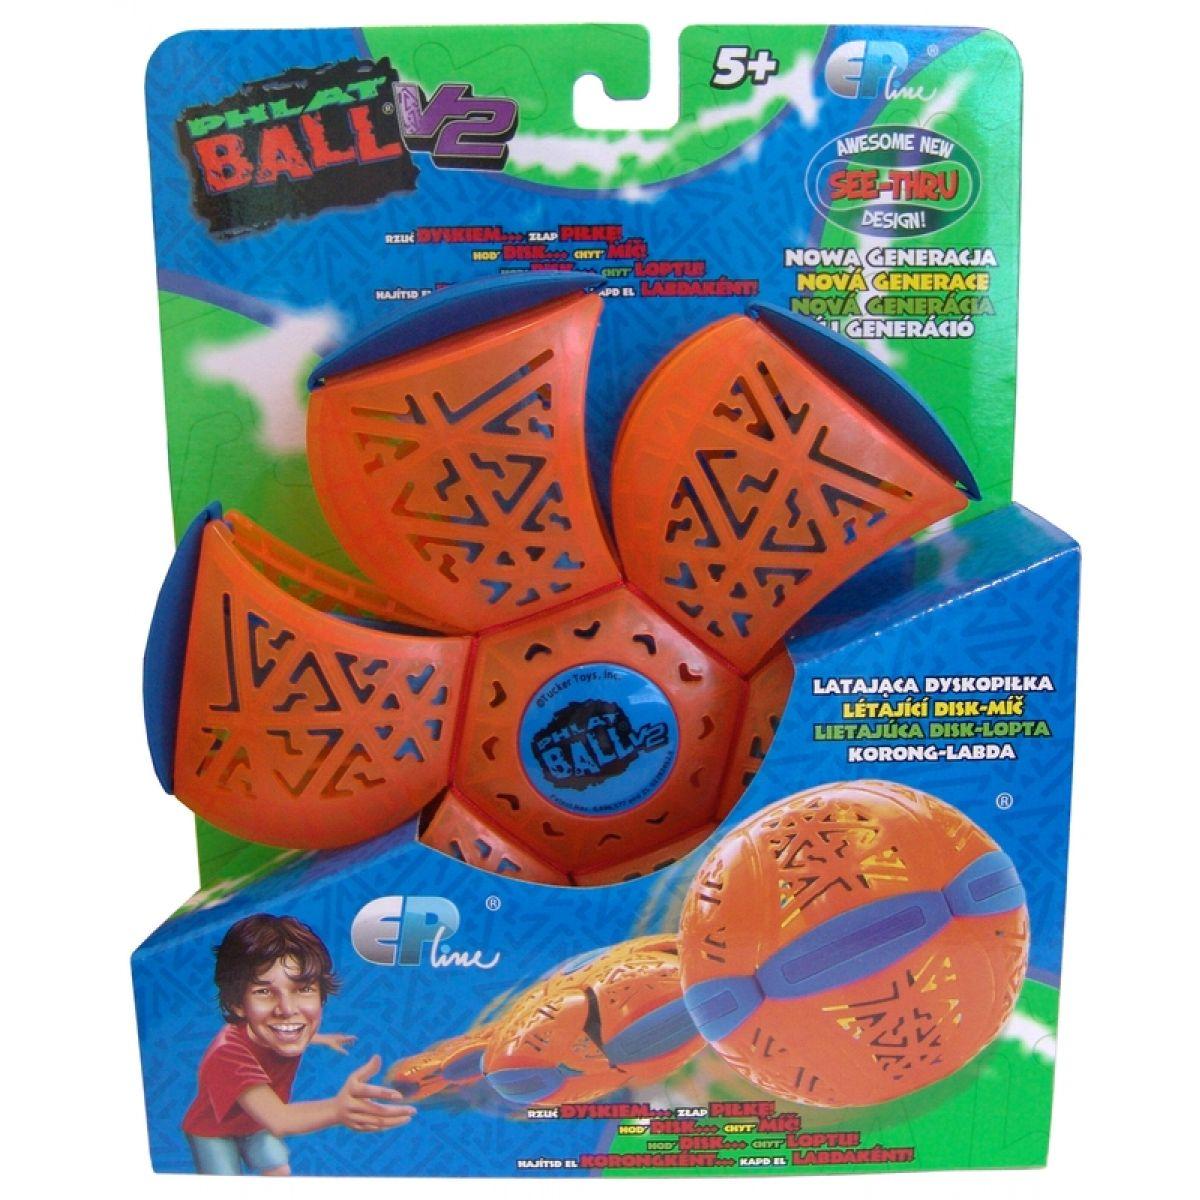 PHLAT BALL V2 - Oranžová